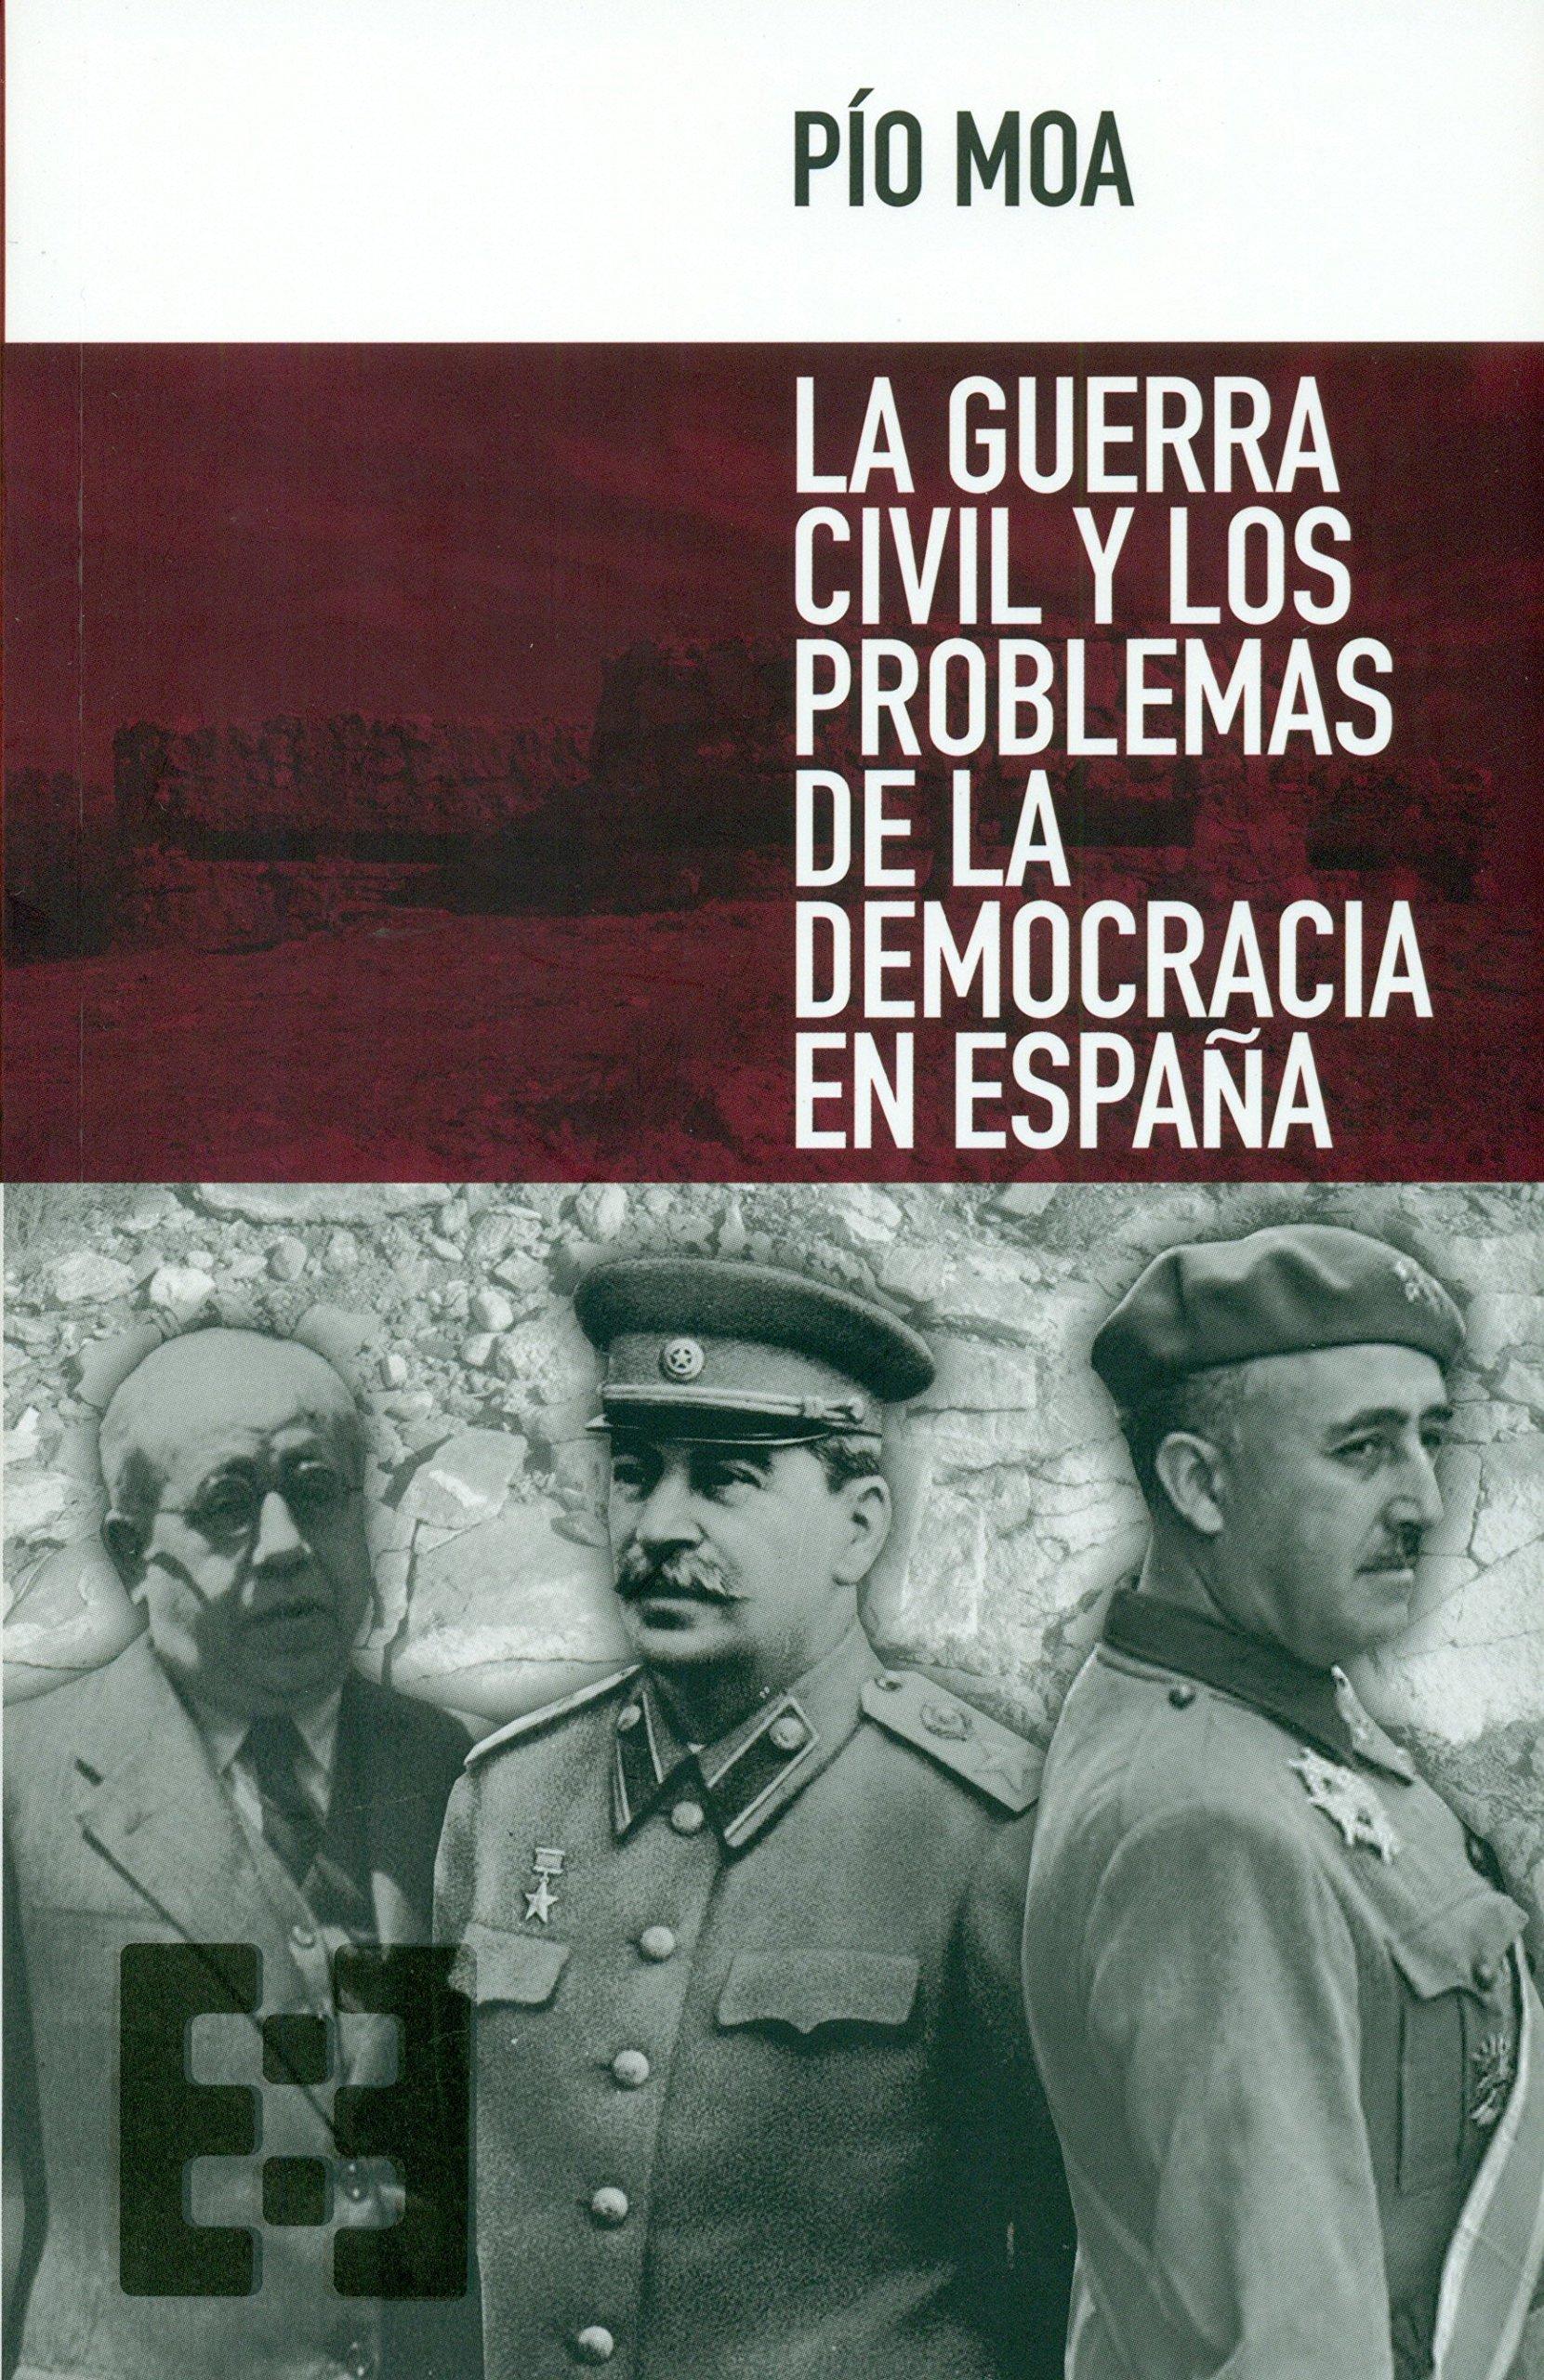 Guerra Civil y Los Problemas De La Democ: 9 Nuevo Ensayo: Amazon.es: Moa Rodríguez, Pío: Libros